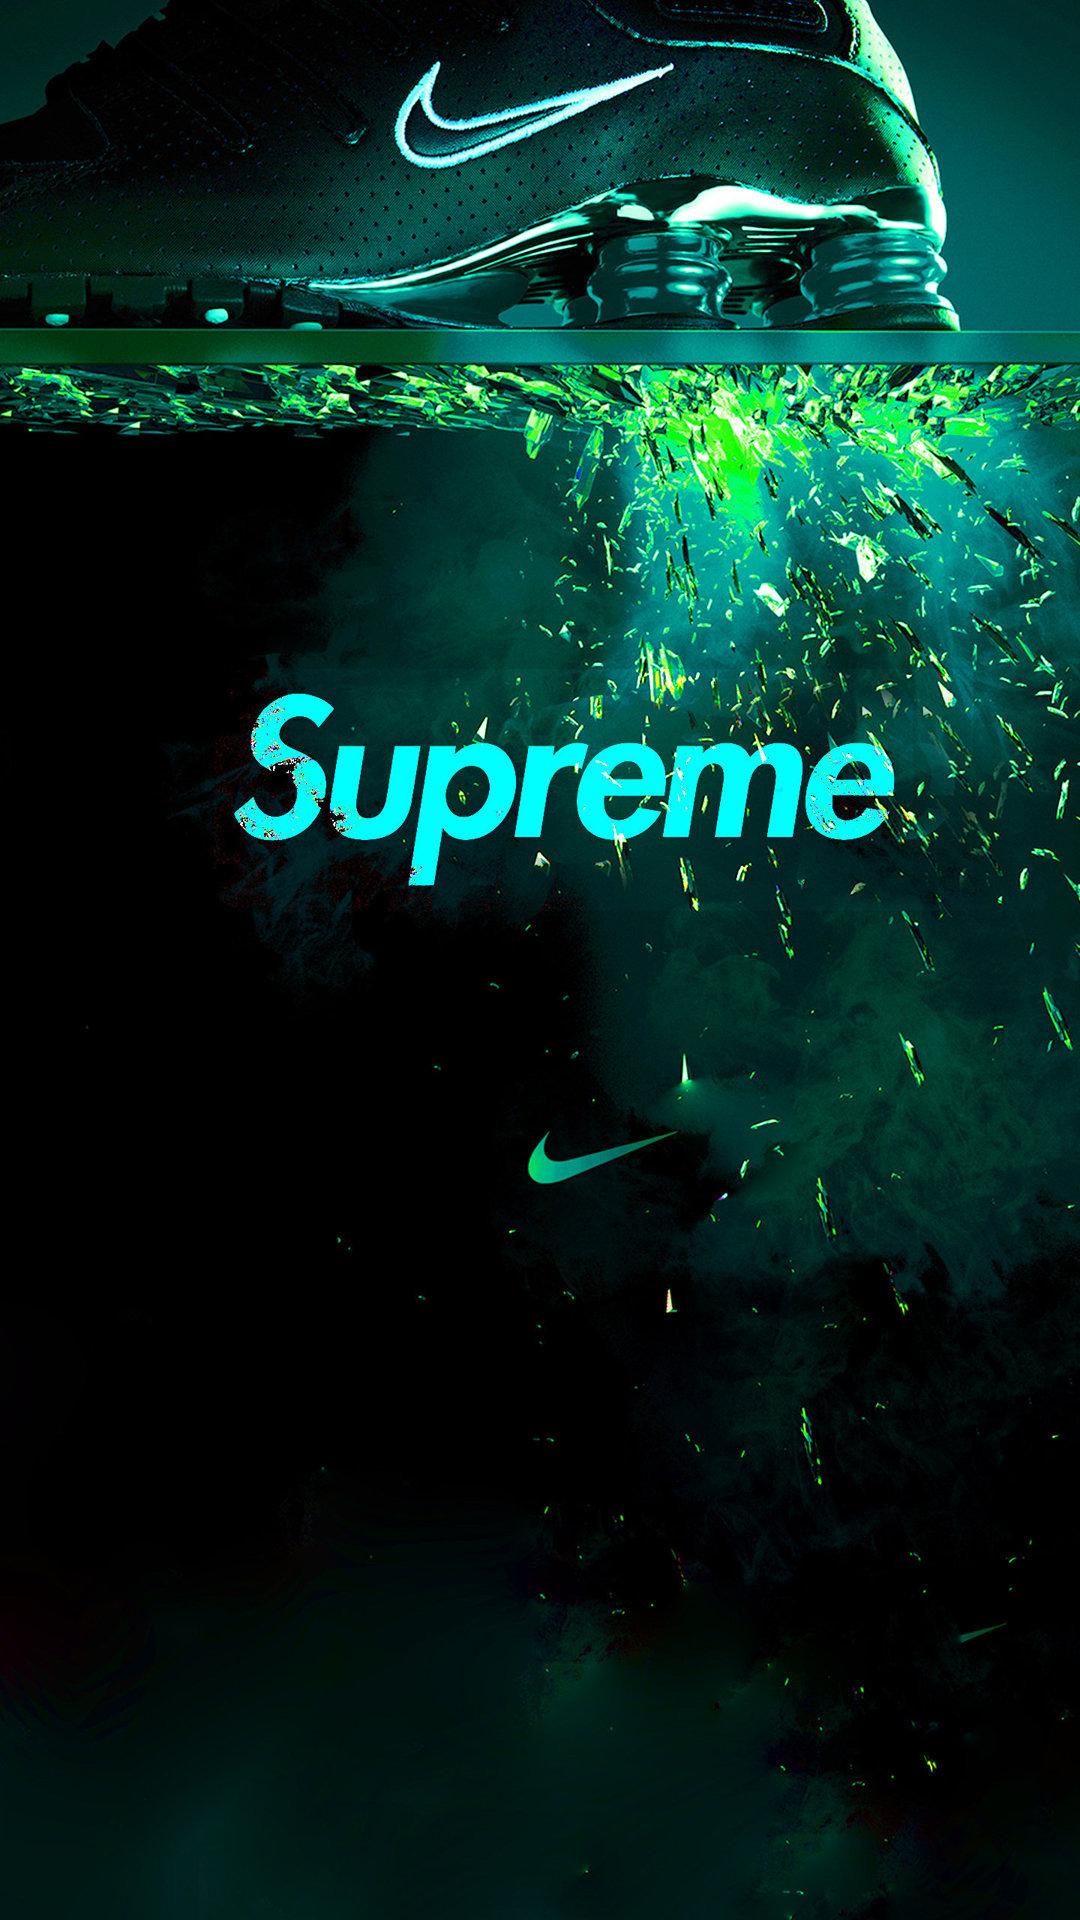 Supreme wallpapers download supreme hd wallpapers - Jordan screensaver ...